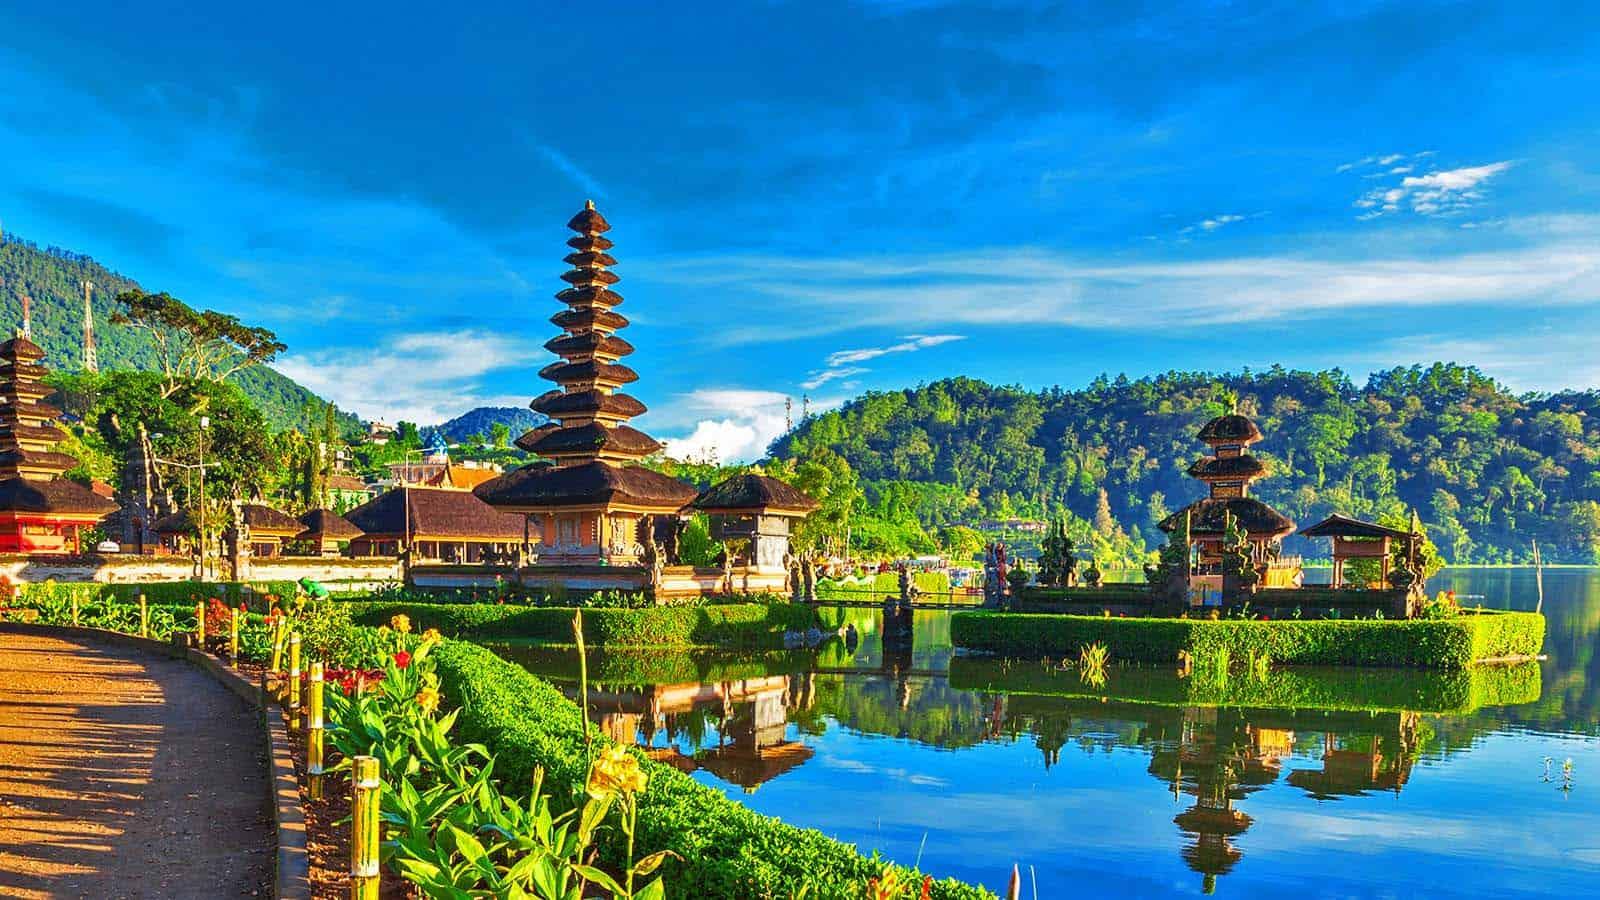 افضل 6 فلل موصى بها في بالي اندونيسيا 2020